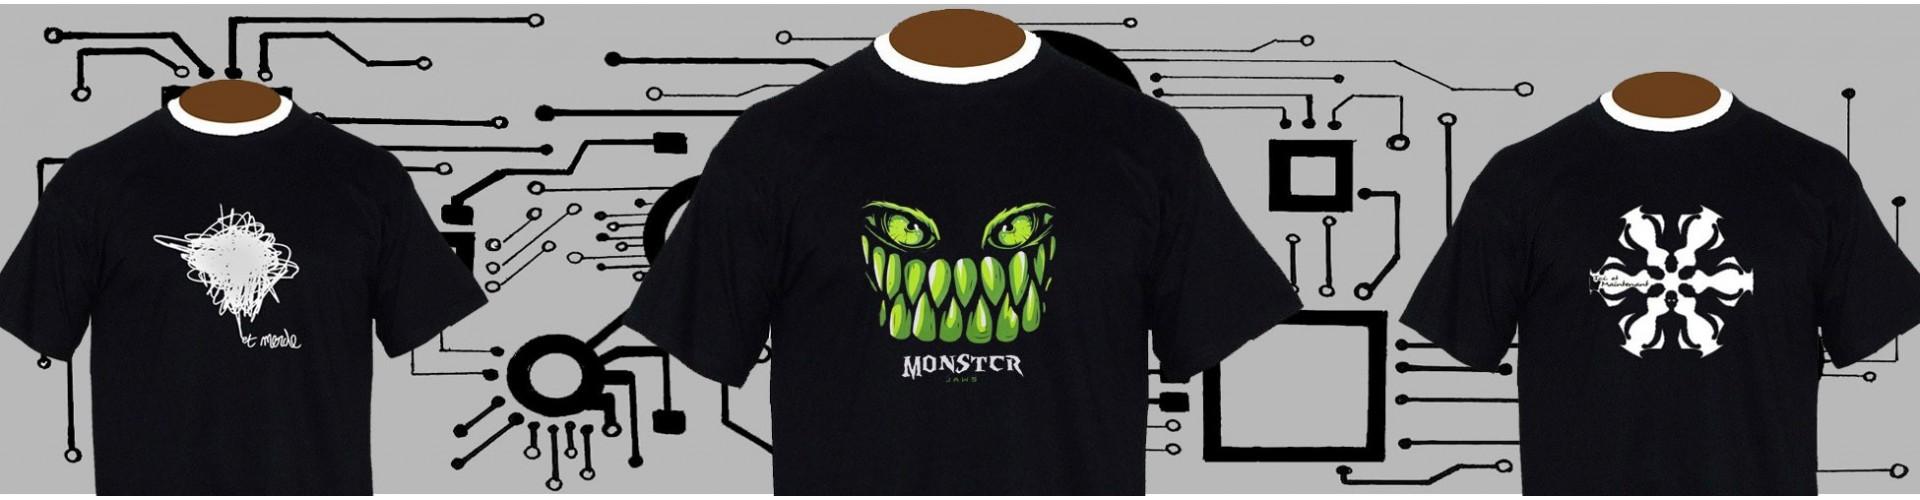 T-Shirt Originaux Homme tendance, t-shirts originaux homme indémodable et pas cher